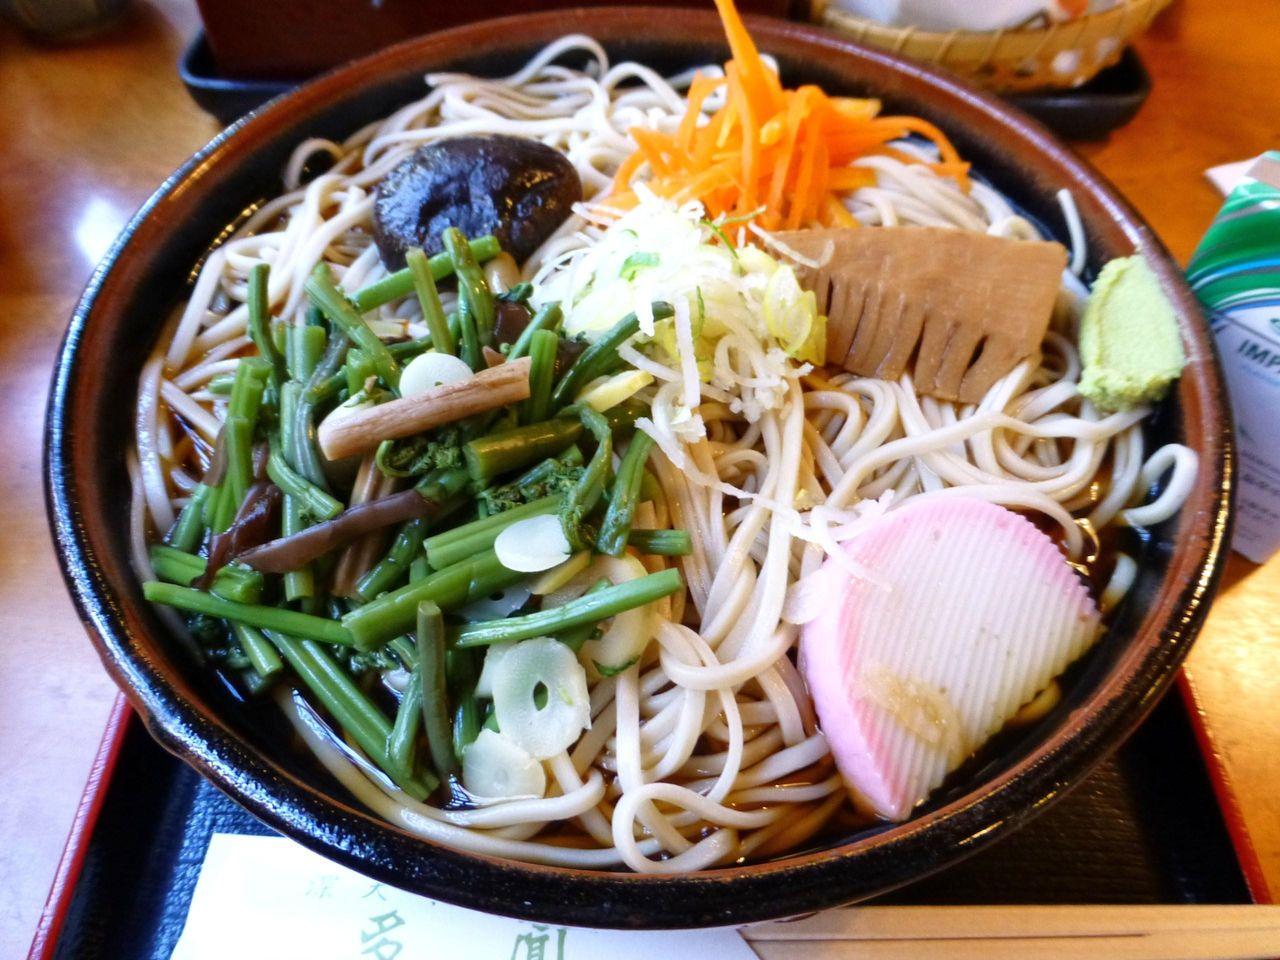 深大寺のデカ盛り店「多門」の冷やし山菜そば大盛1,150円